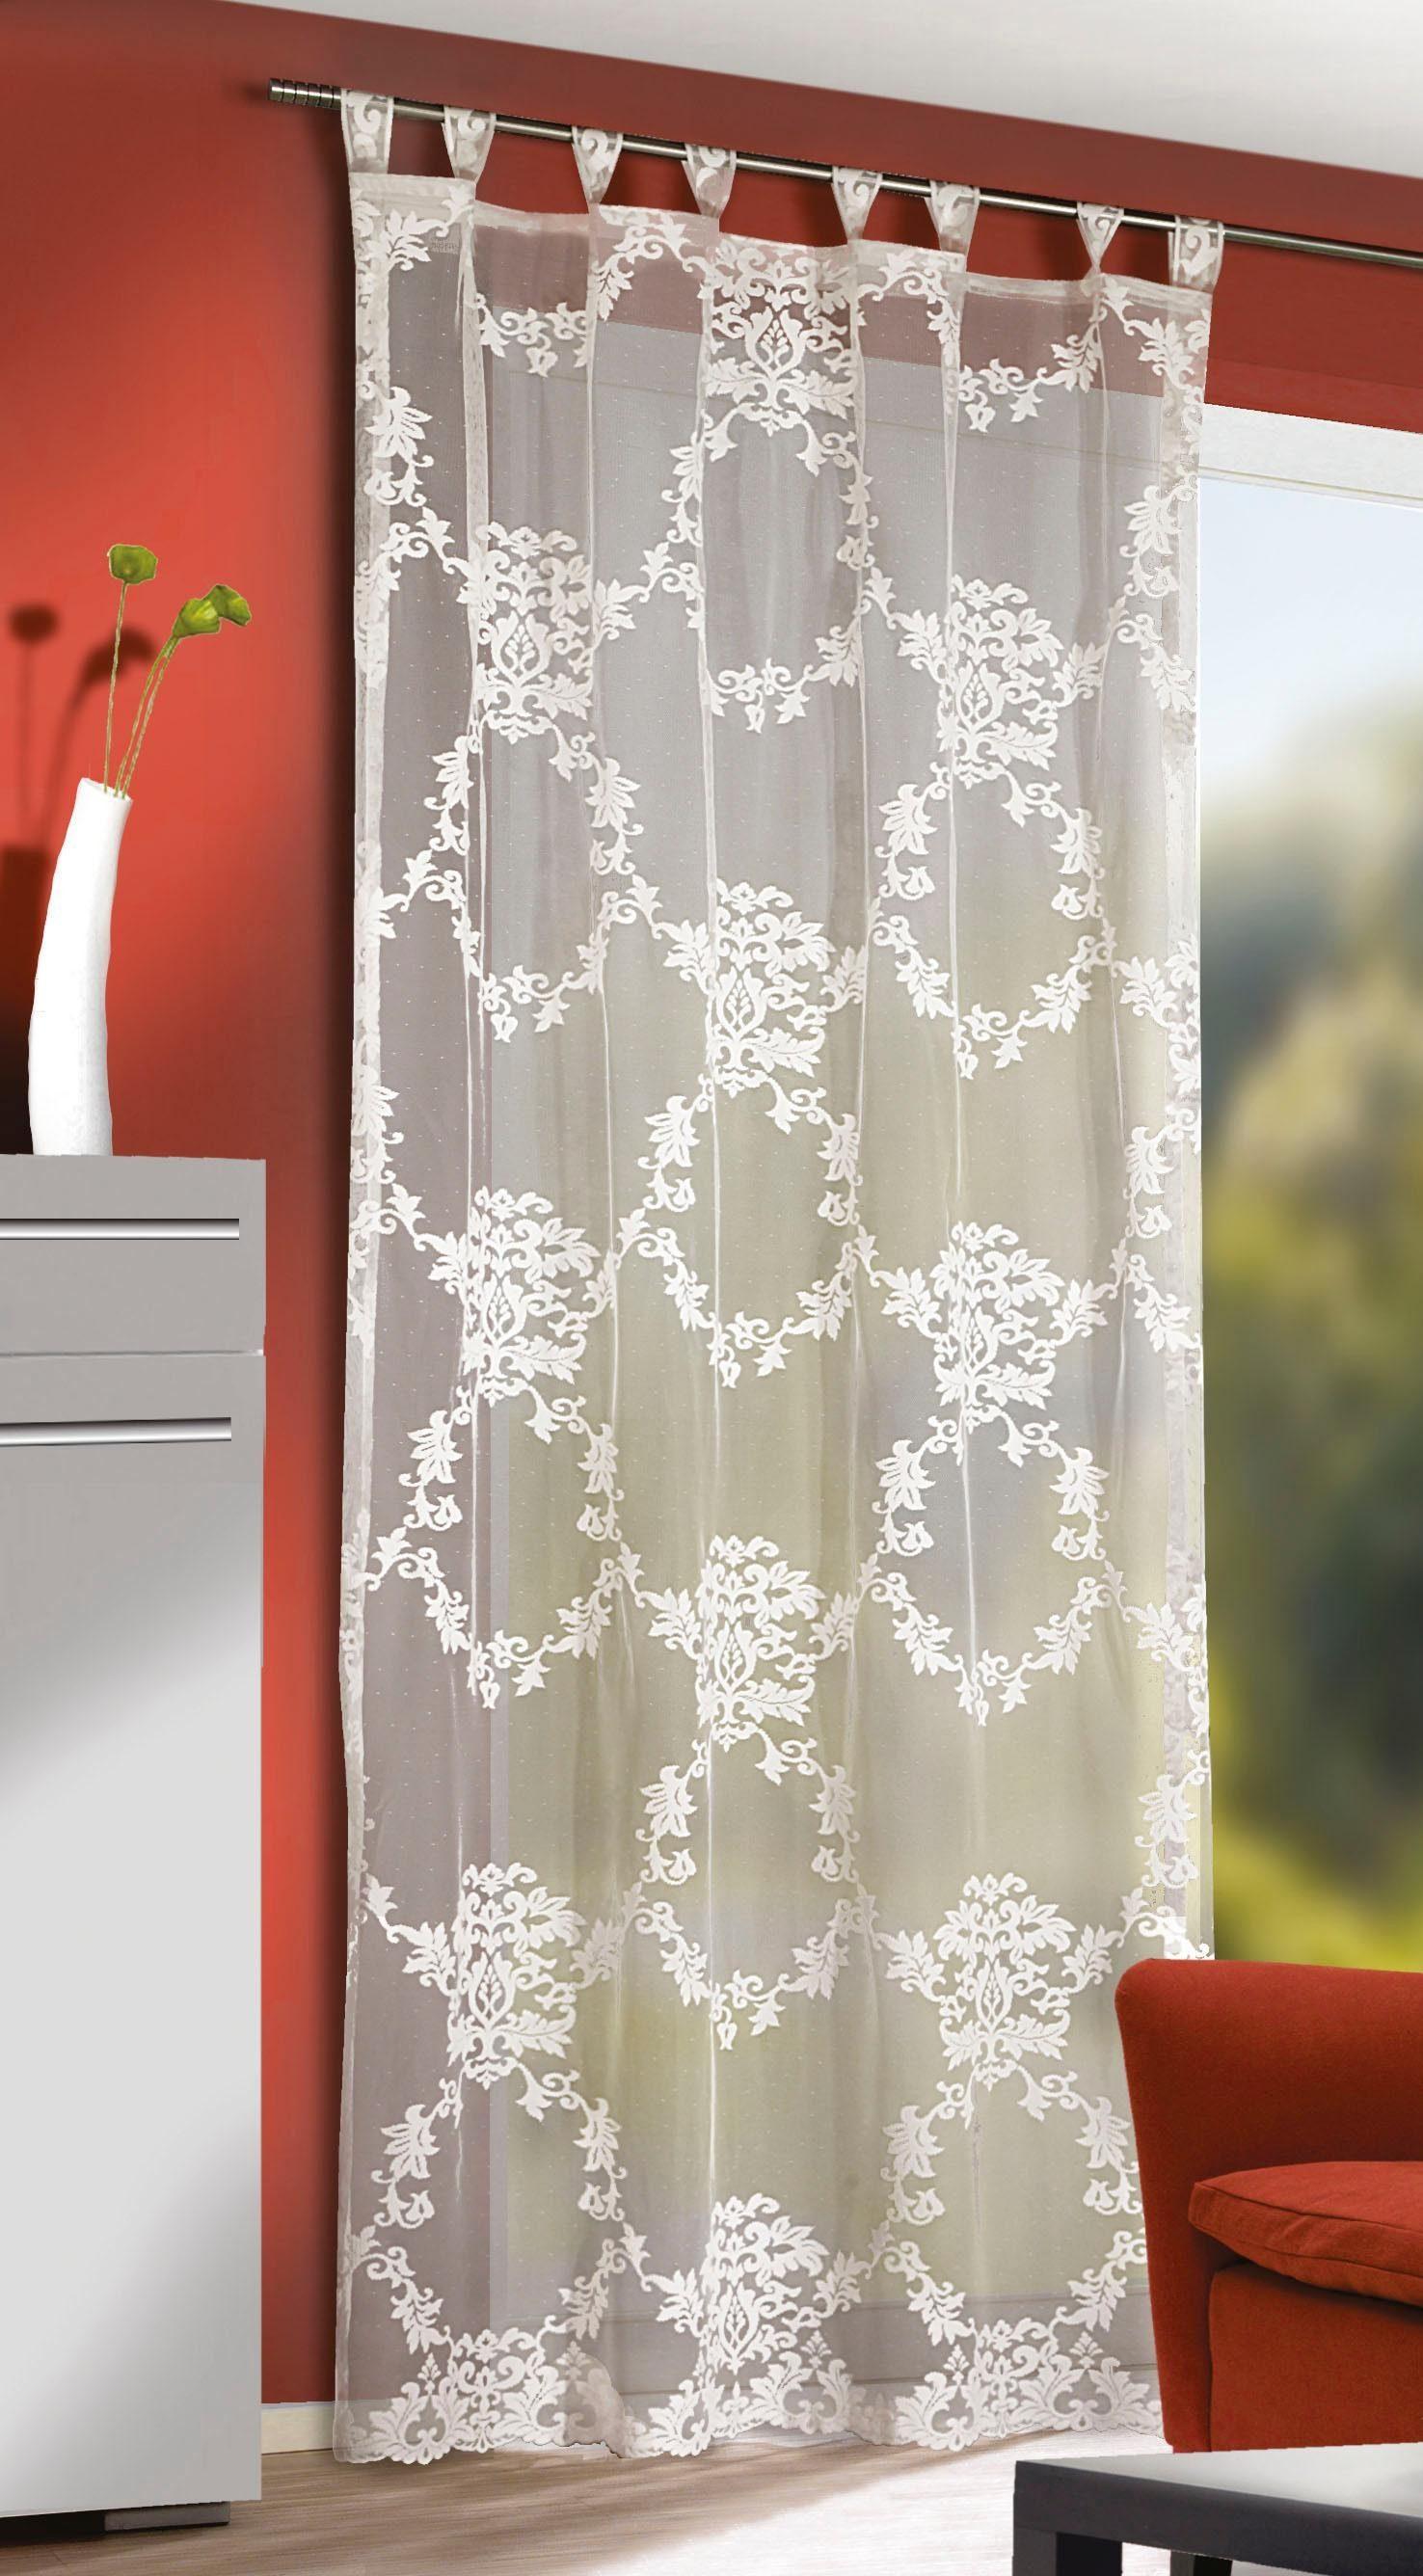 Vorhang Ulm WILLKOMMEN ZUHAUSE by ALBANI GROUP Schlaufen 1 Stück | Heimtextilien > Gardinen und Vorhänge > Vorhänge | Gelb | Willkommen Zuhause By Albani Group